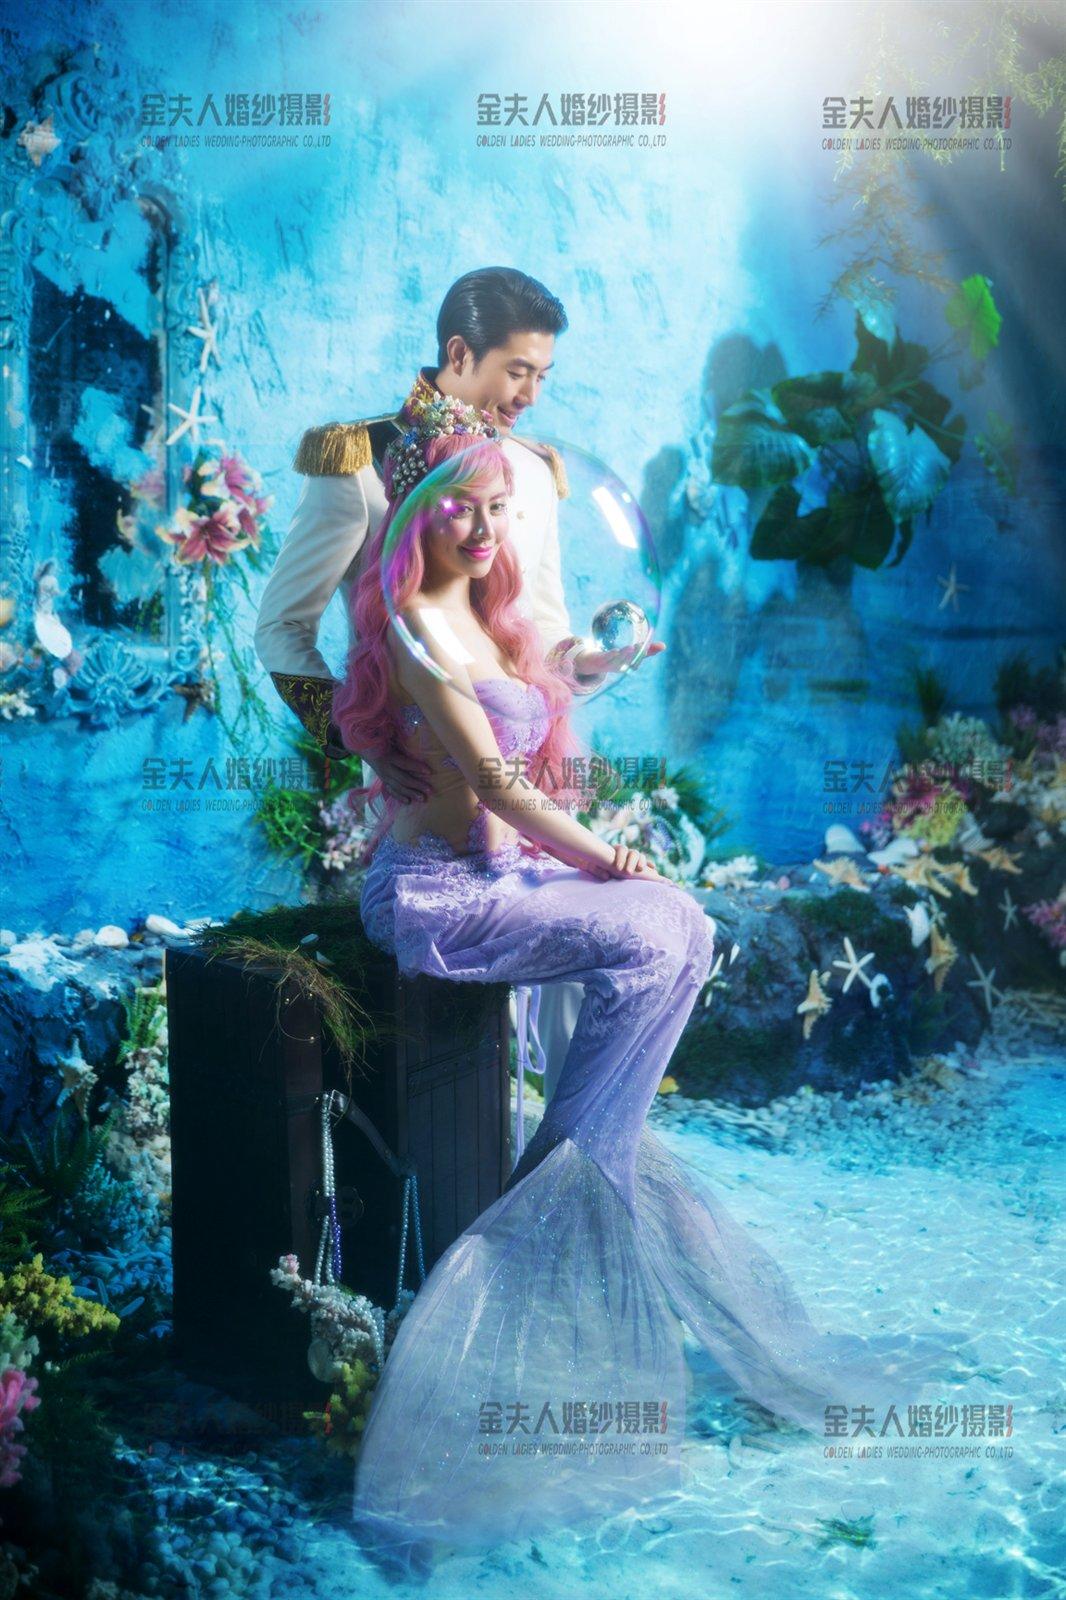 金夫人皇家摄影美人鱼主题